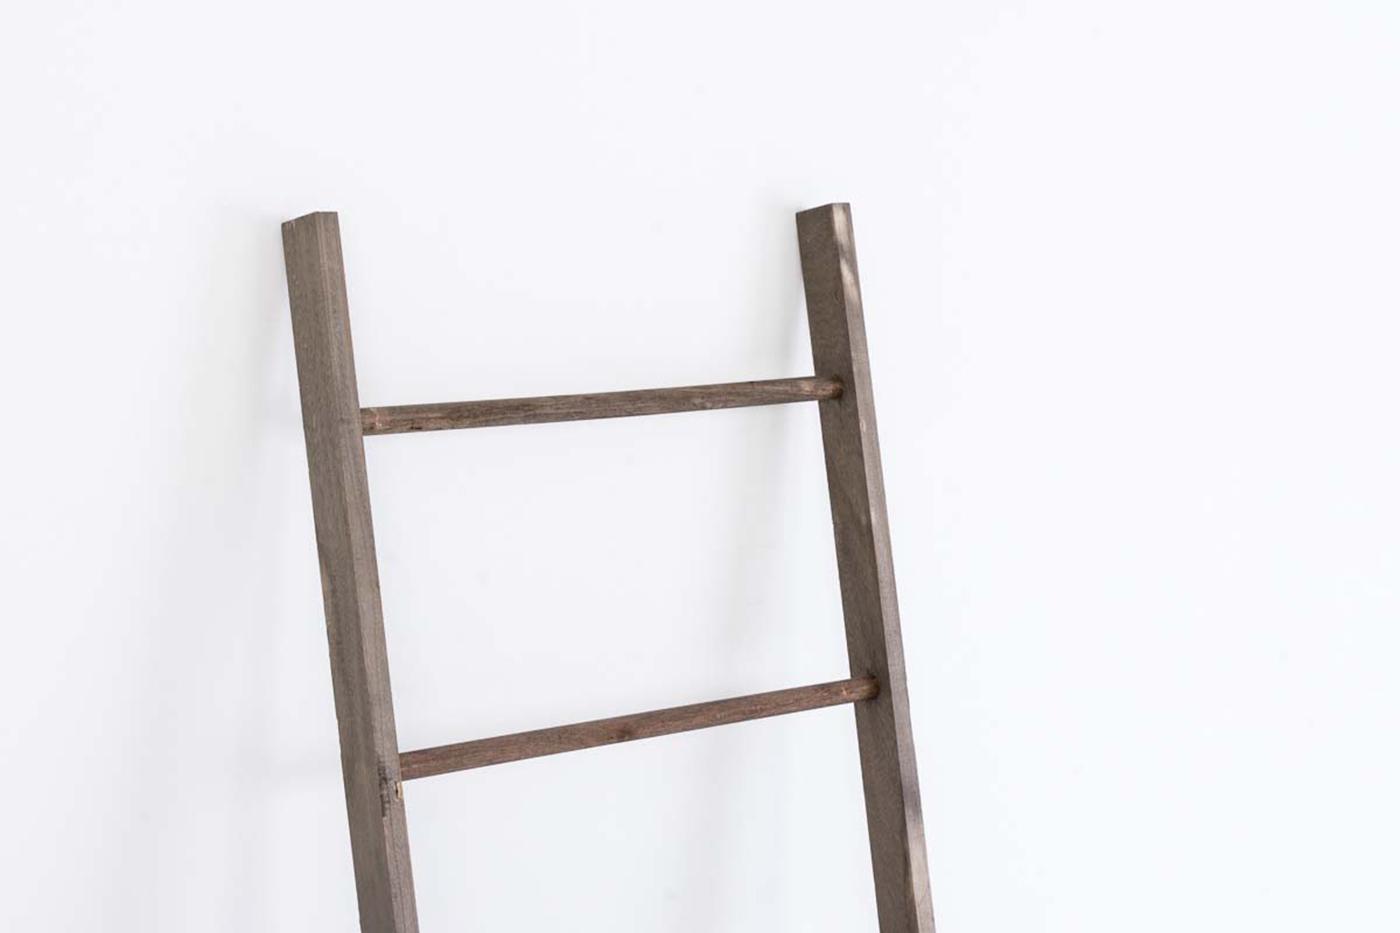 Dekorativní žebřík Mariana, 145,5 cm, tmavě hnědá